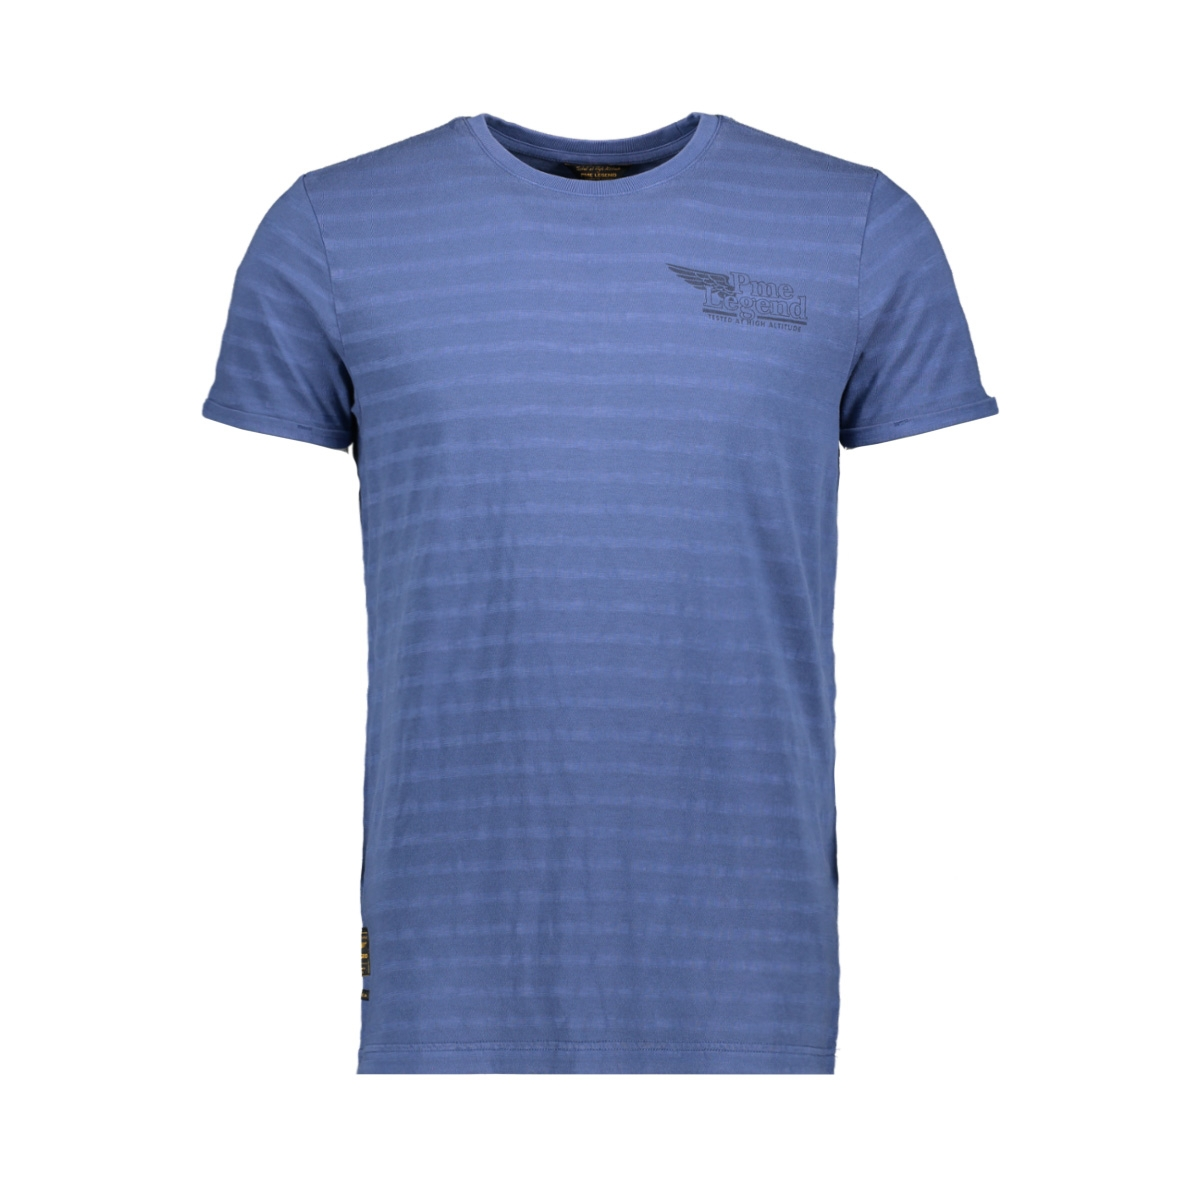 short sleeve t shirt ptss198521 pme legend t-shirt 5054